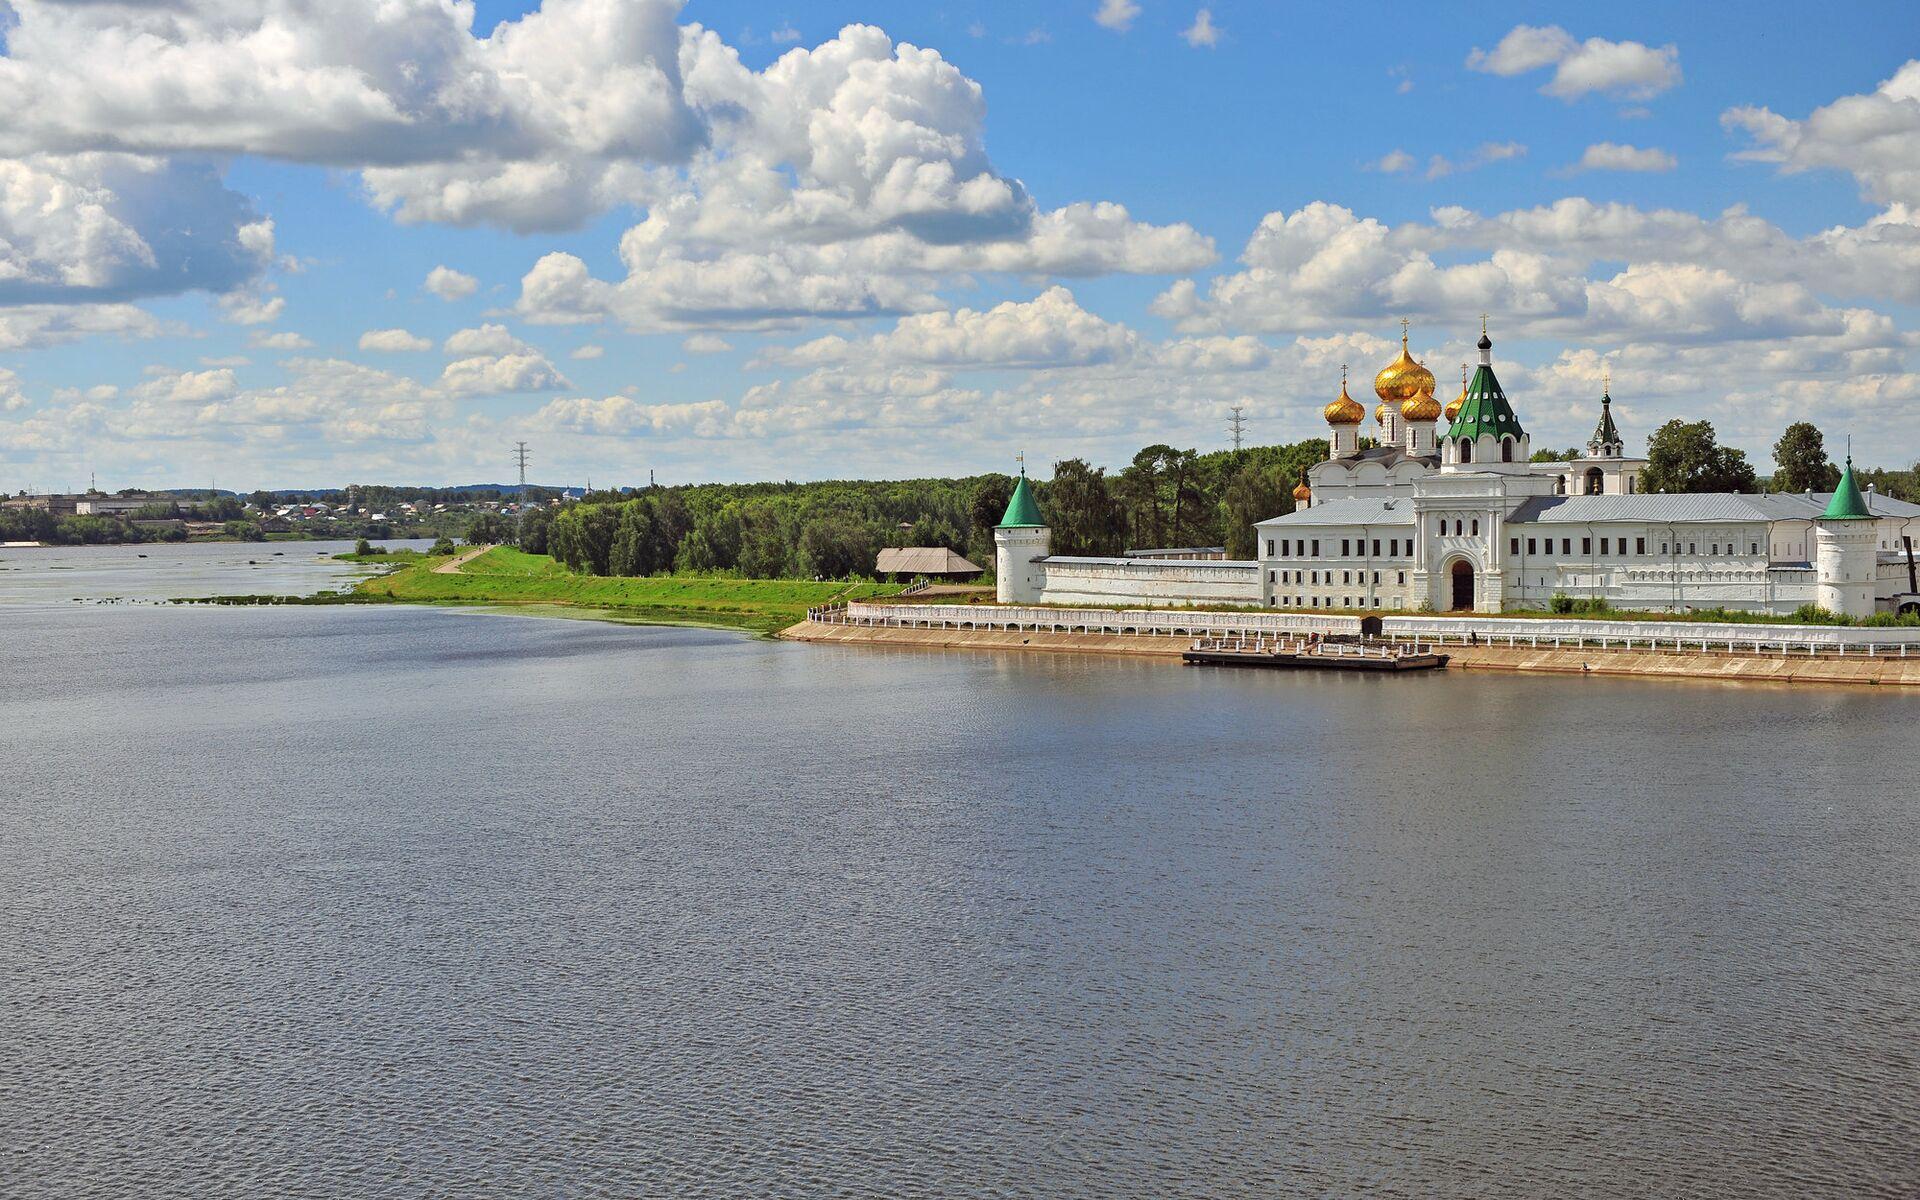 Ипатьевский монастырь, Кострома - РИА Новости, 1920, 21.02.2021